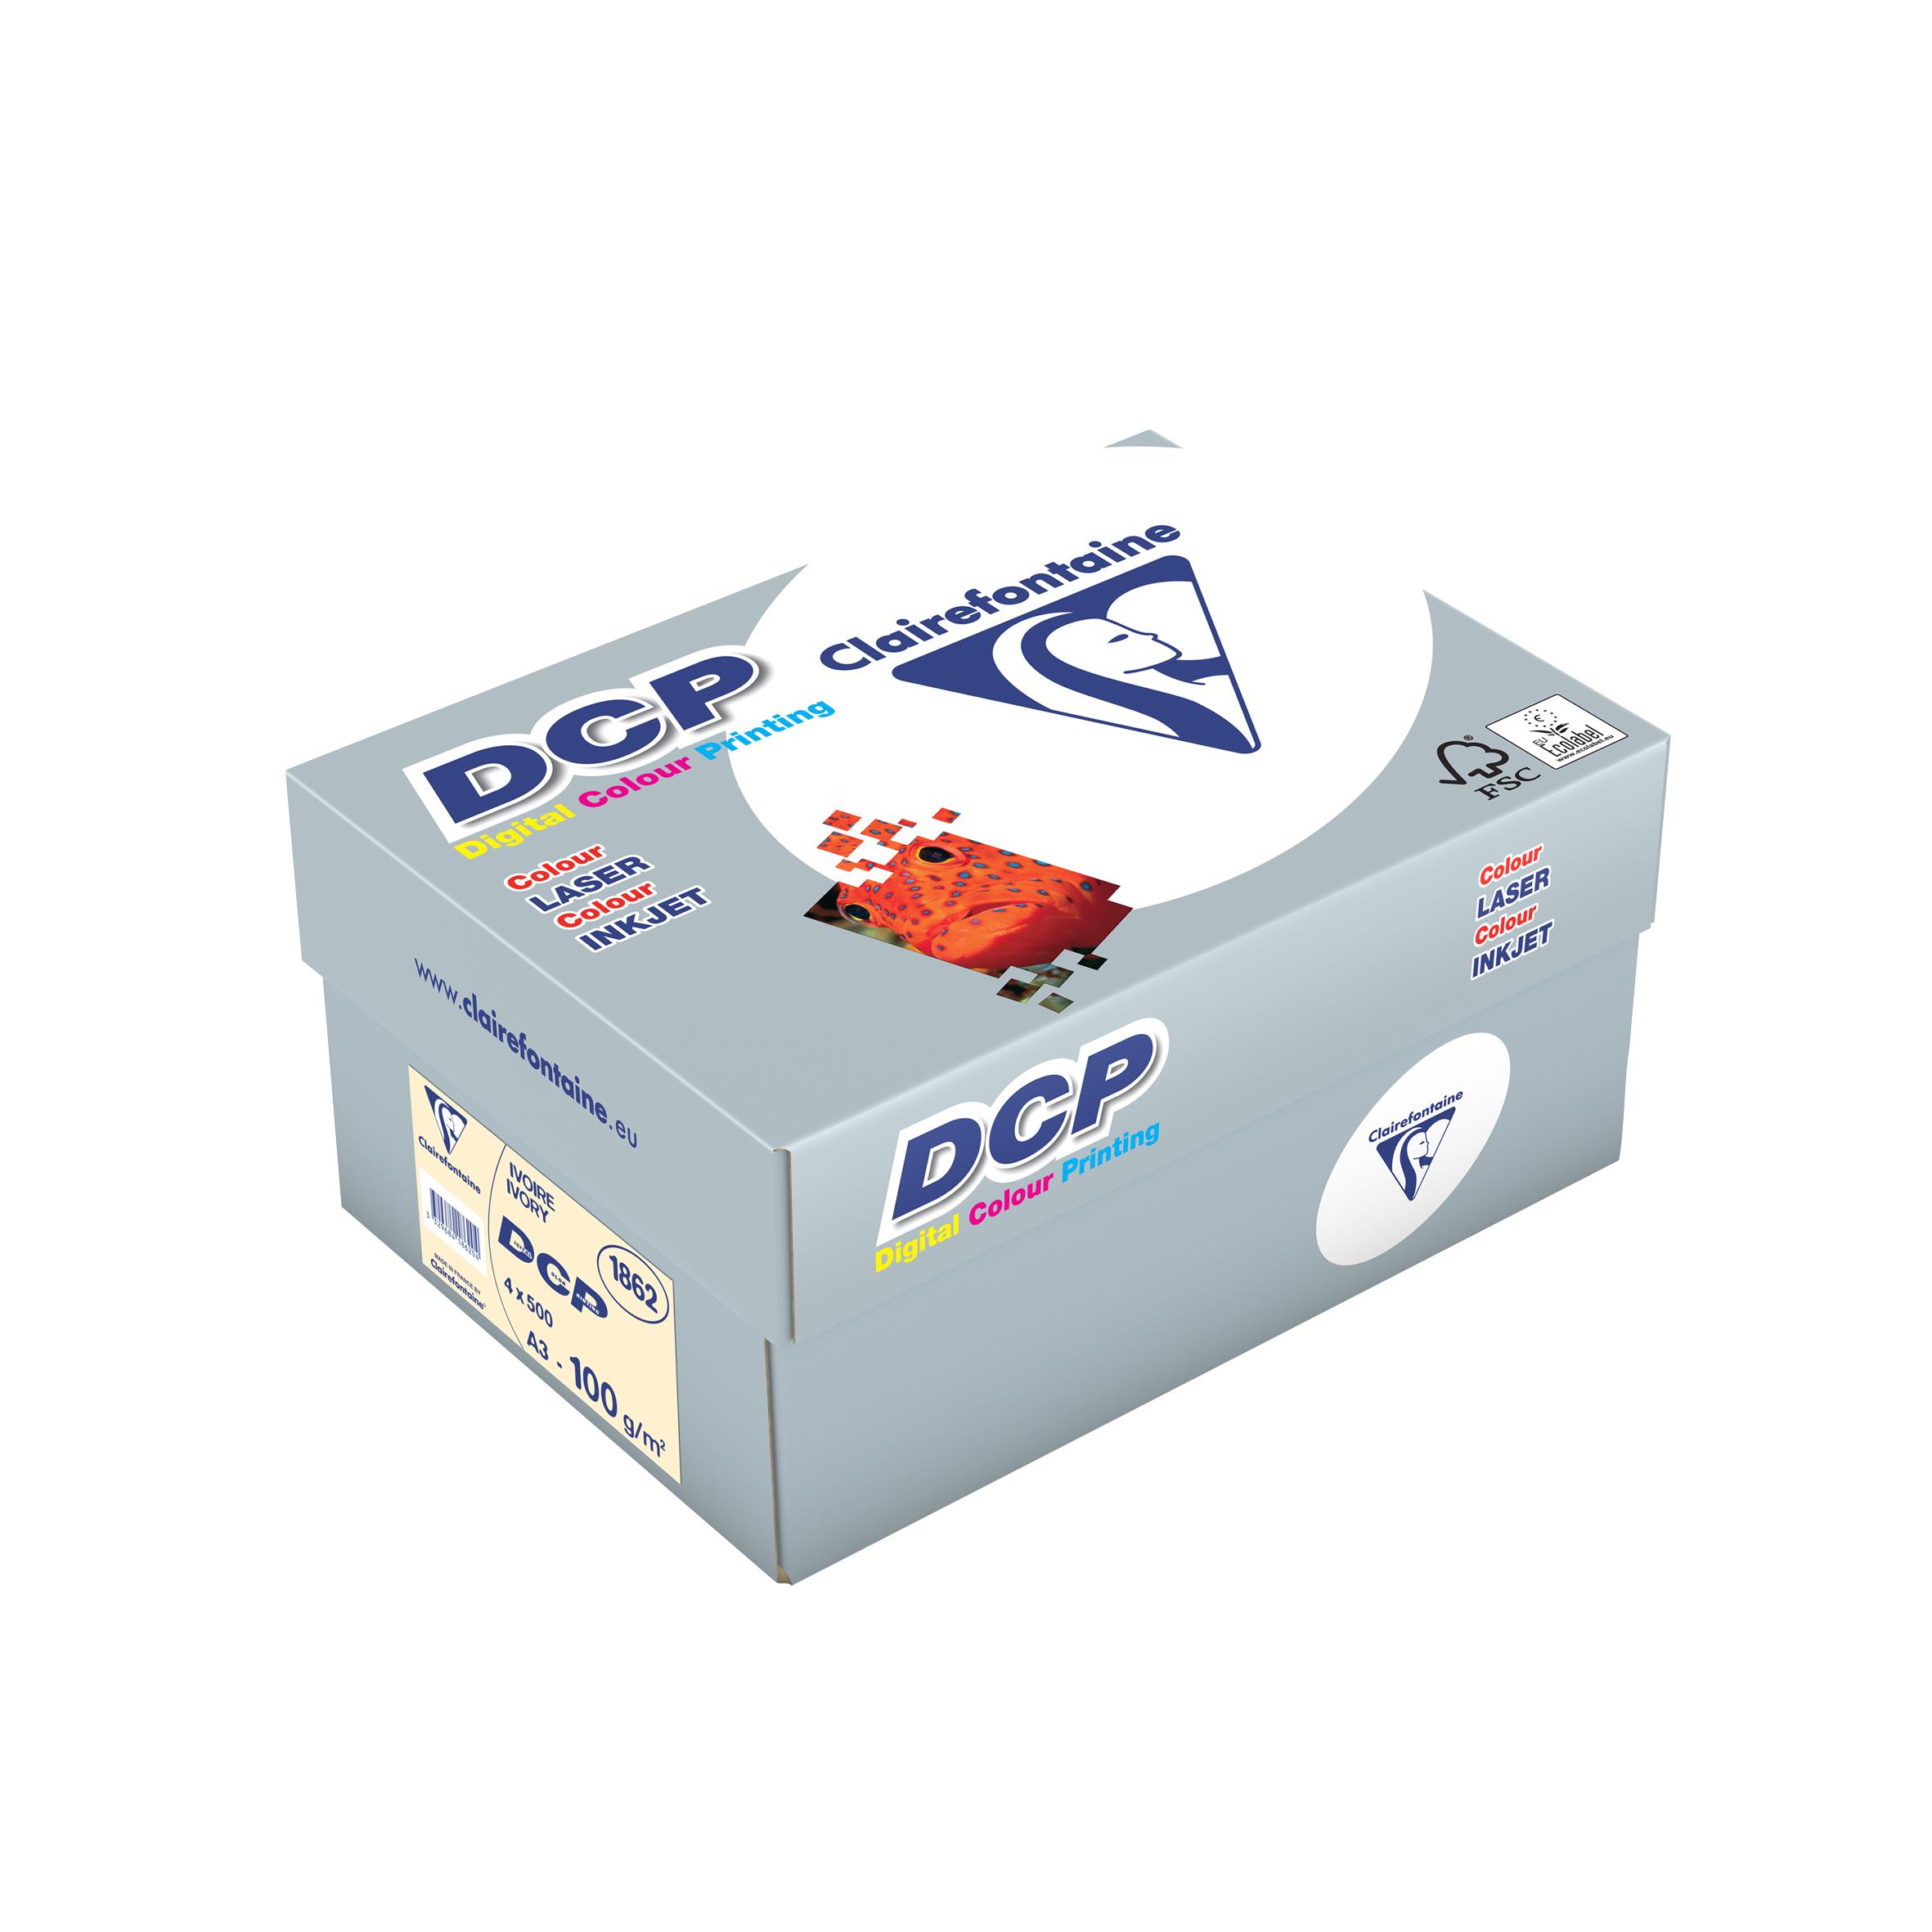 Vorschau: Clairefontaine DCP Ivory elfenbein digital color printing 100g/m² DIN-A3 2000 Blatt 1862C